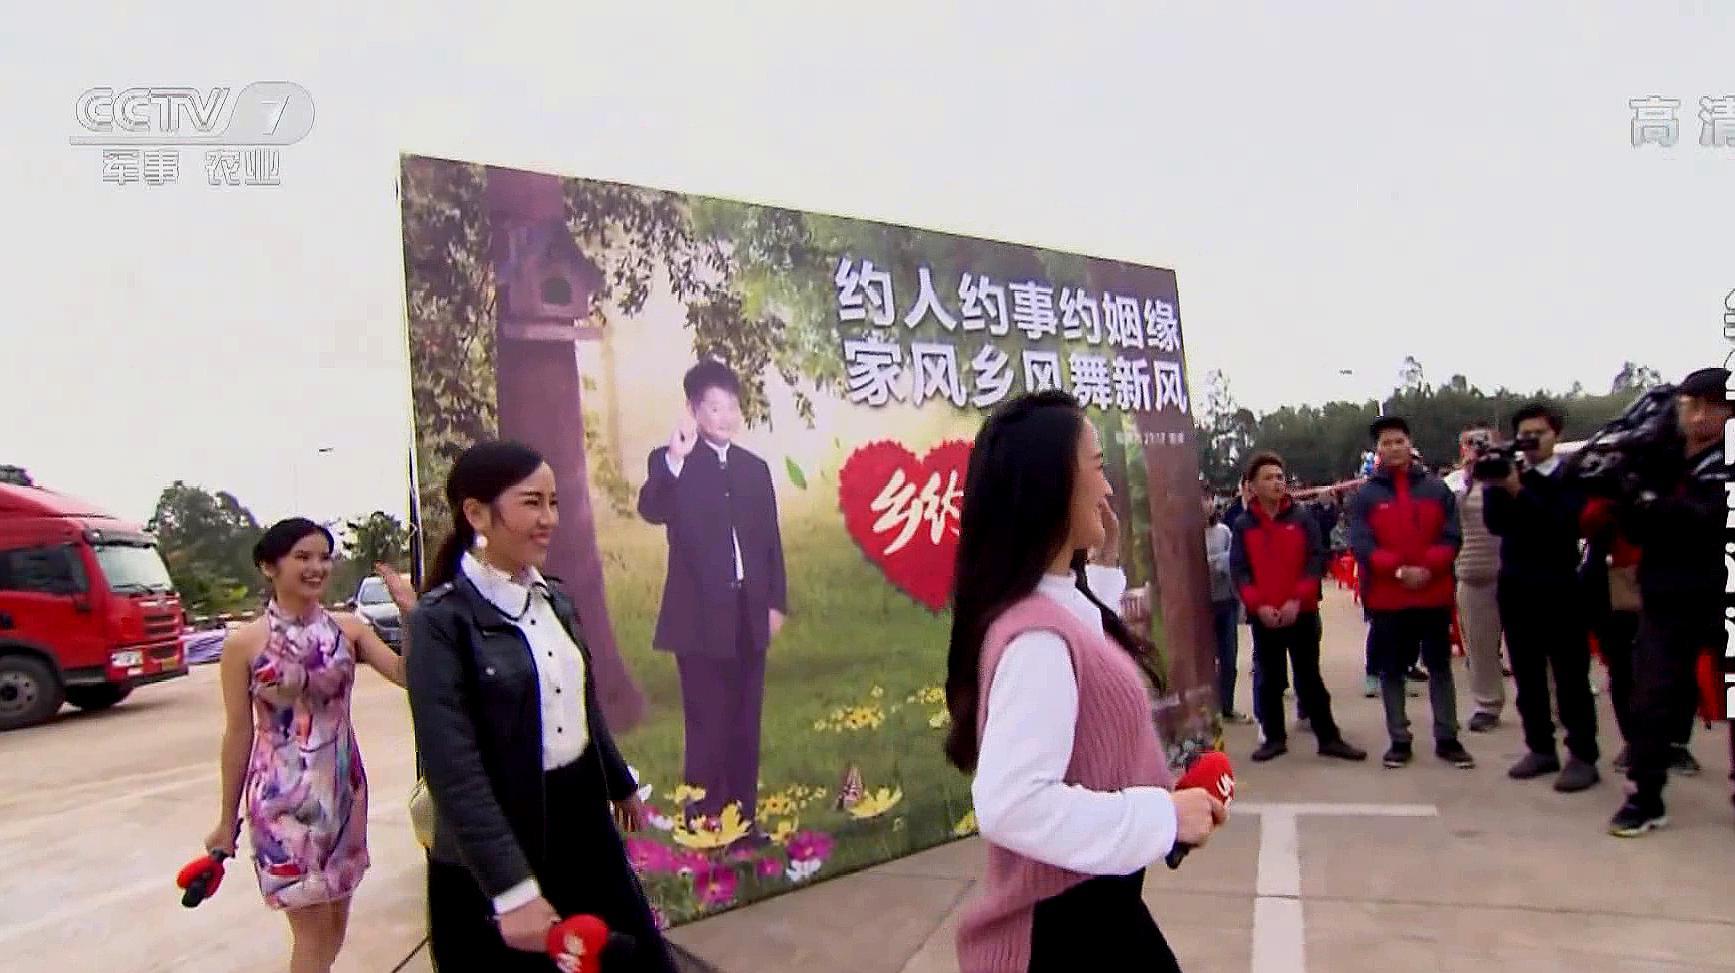 乡约:来到广东河源,节目录制前都要做很多准备工作!